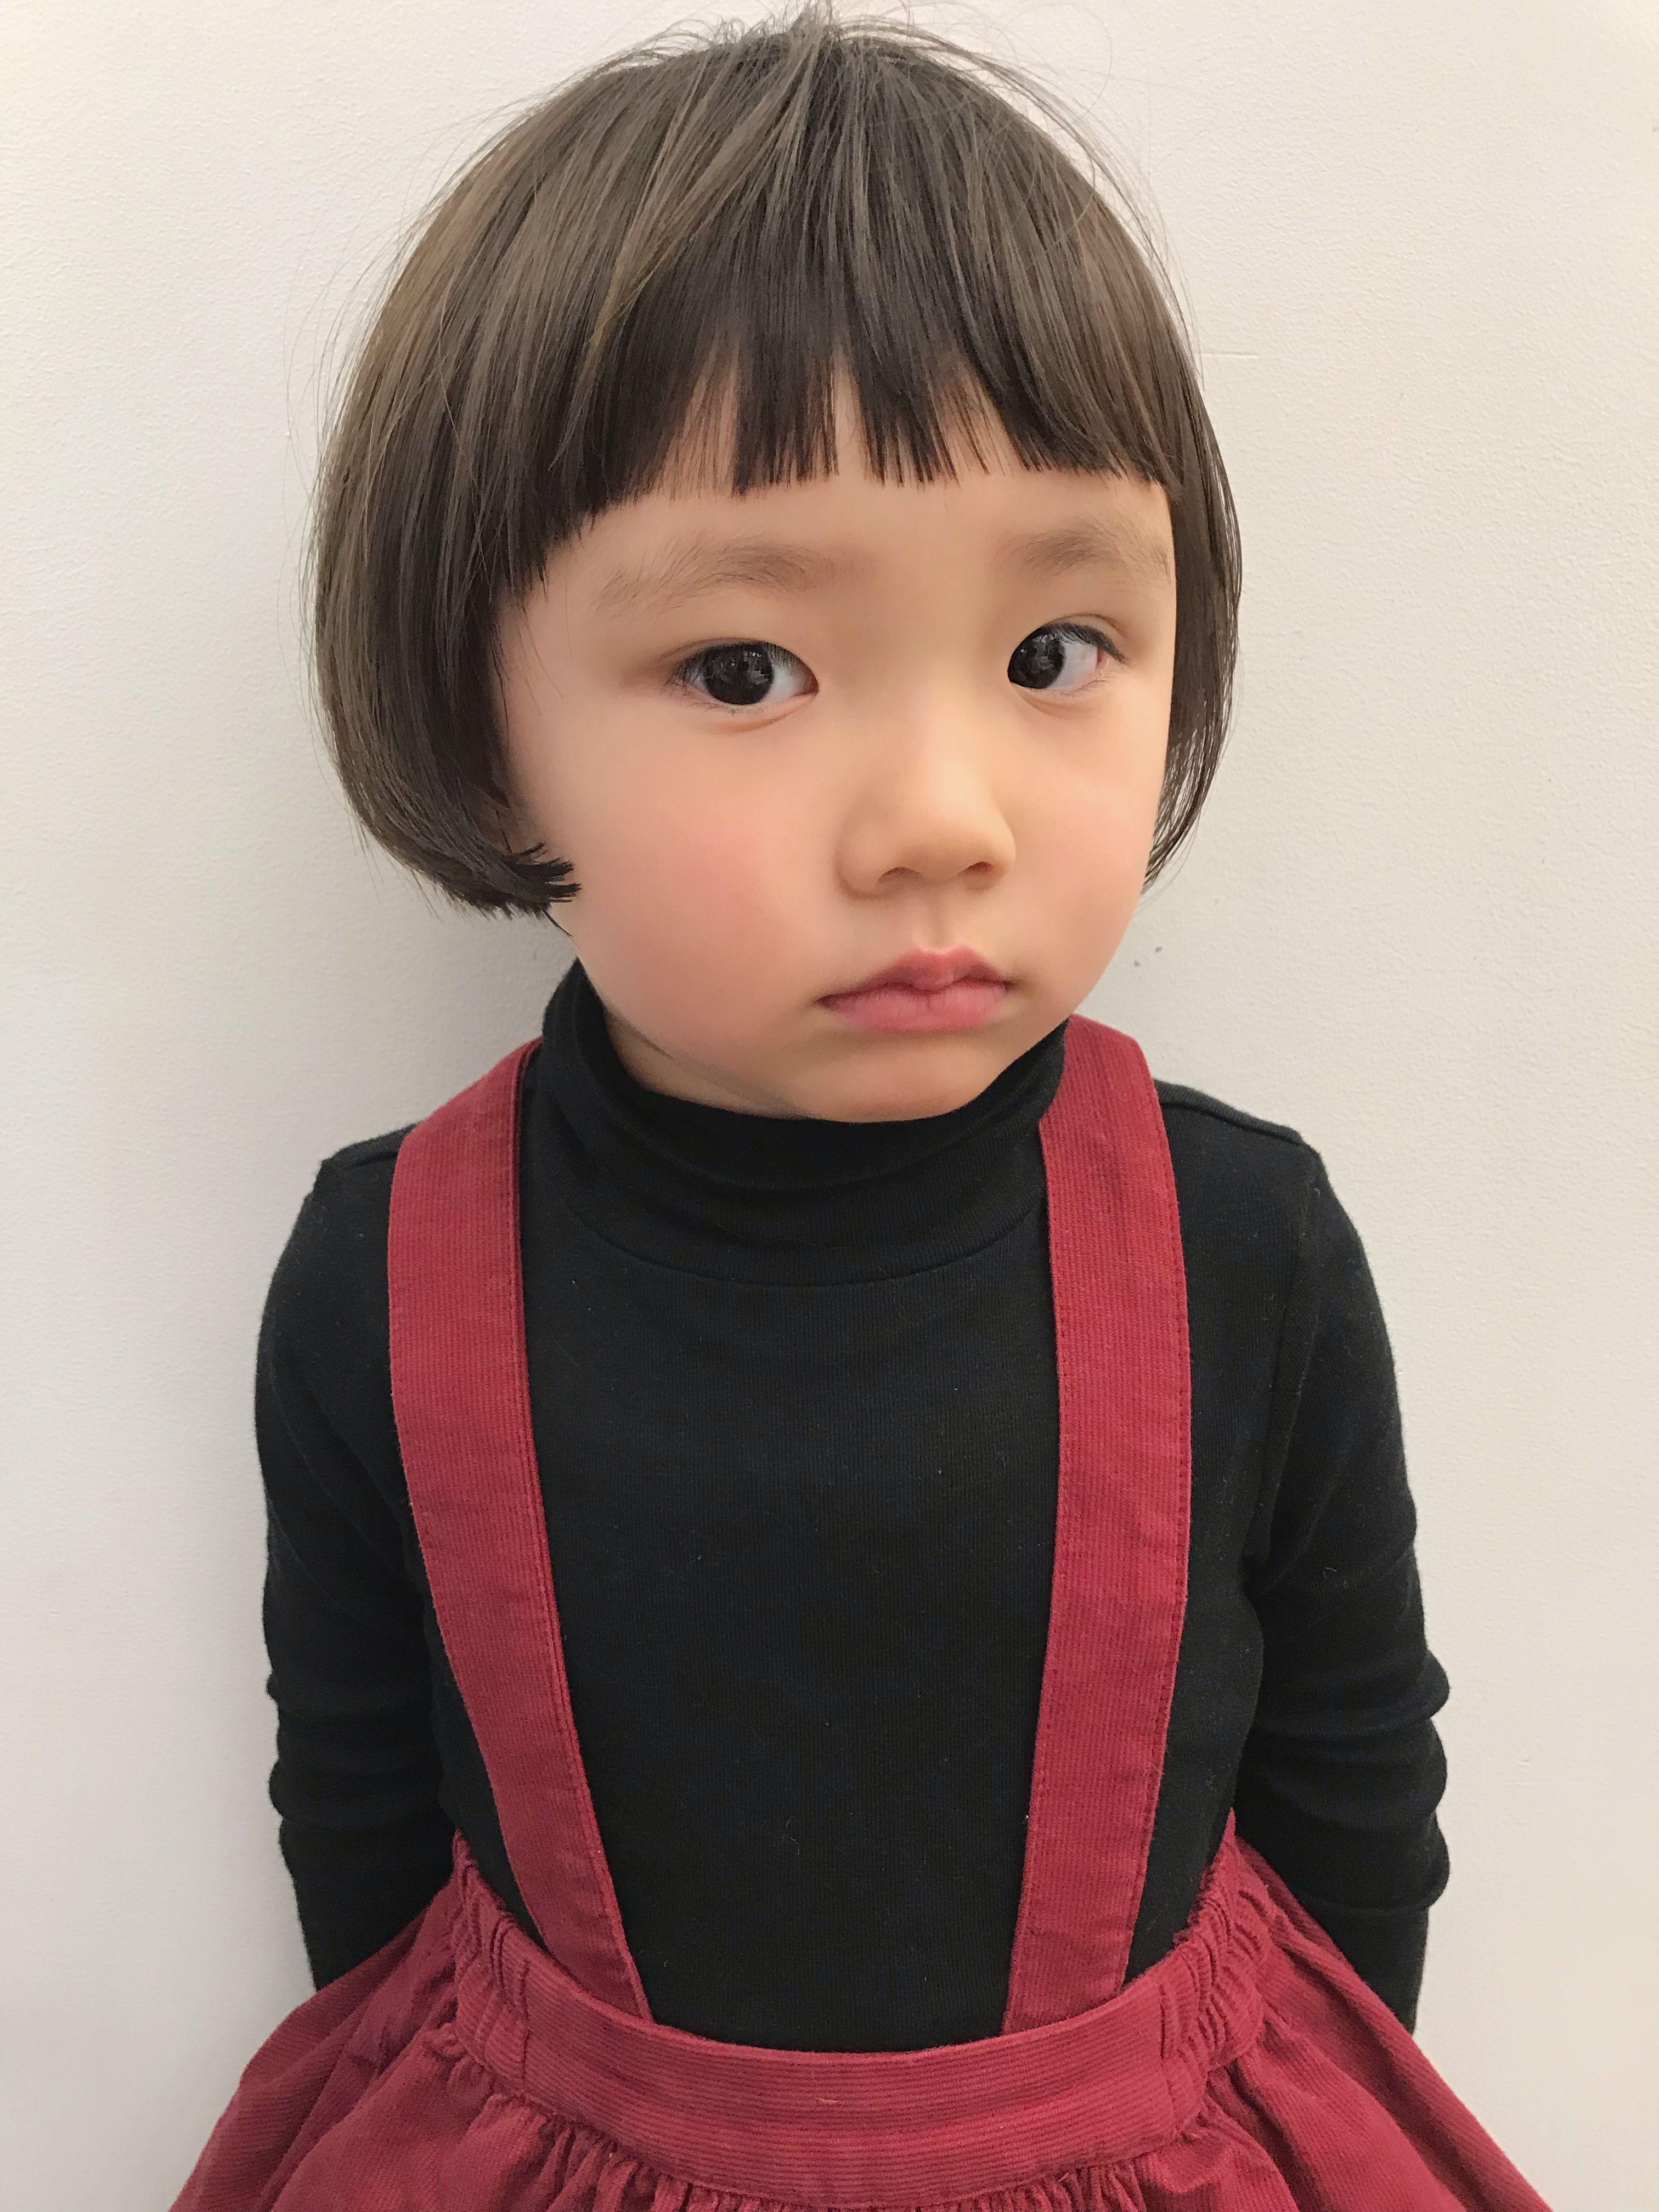 ボード キッズヘアカタログ 女の子 のピン